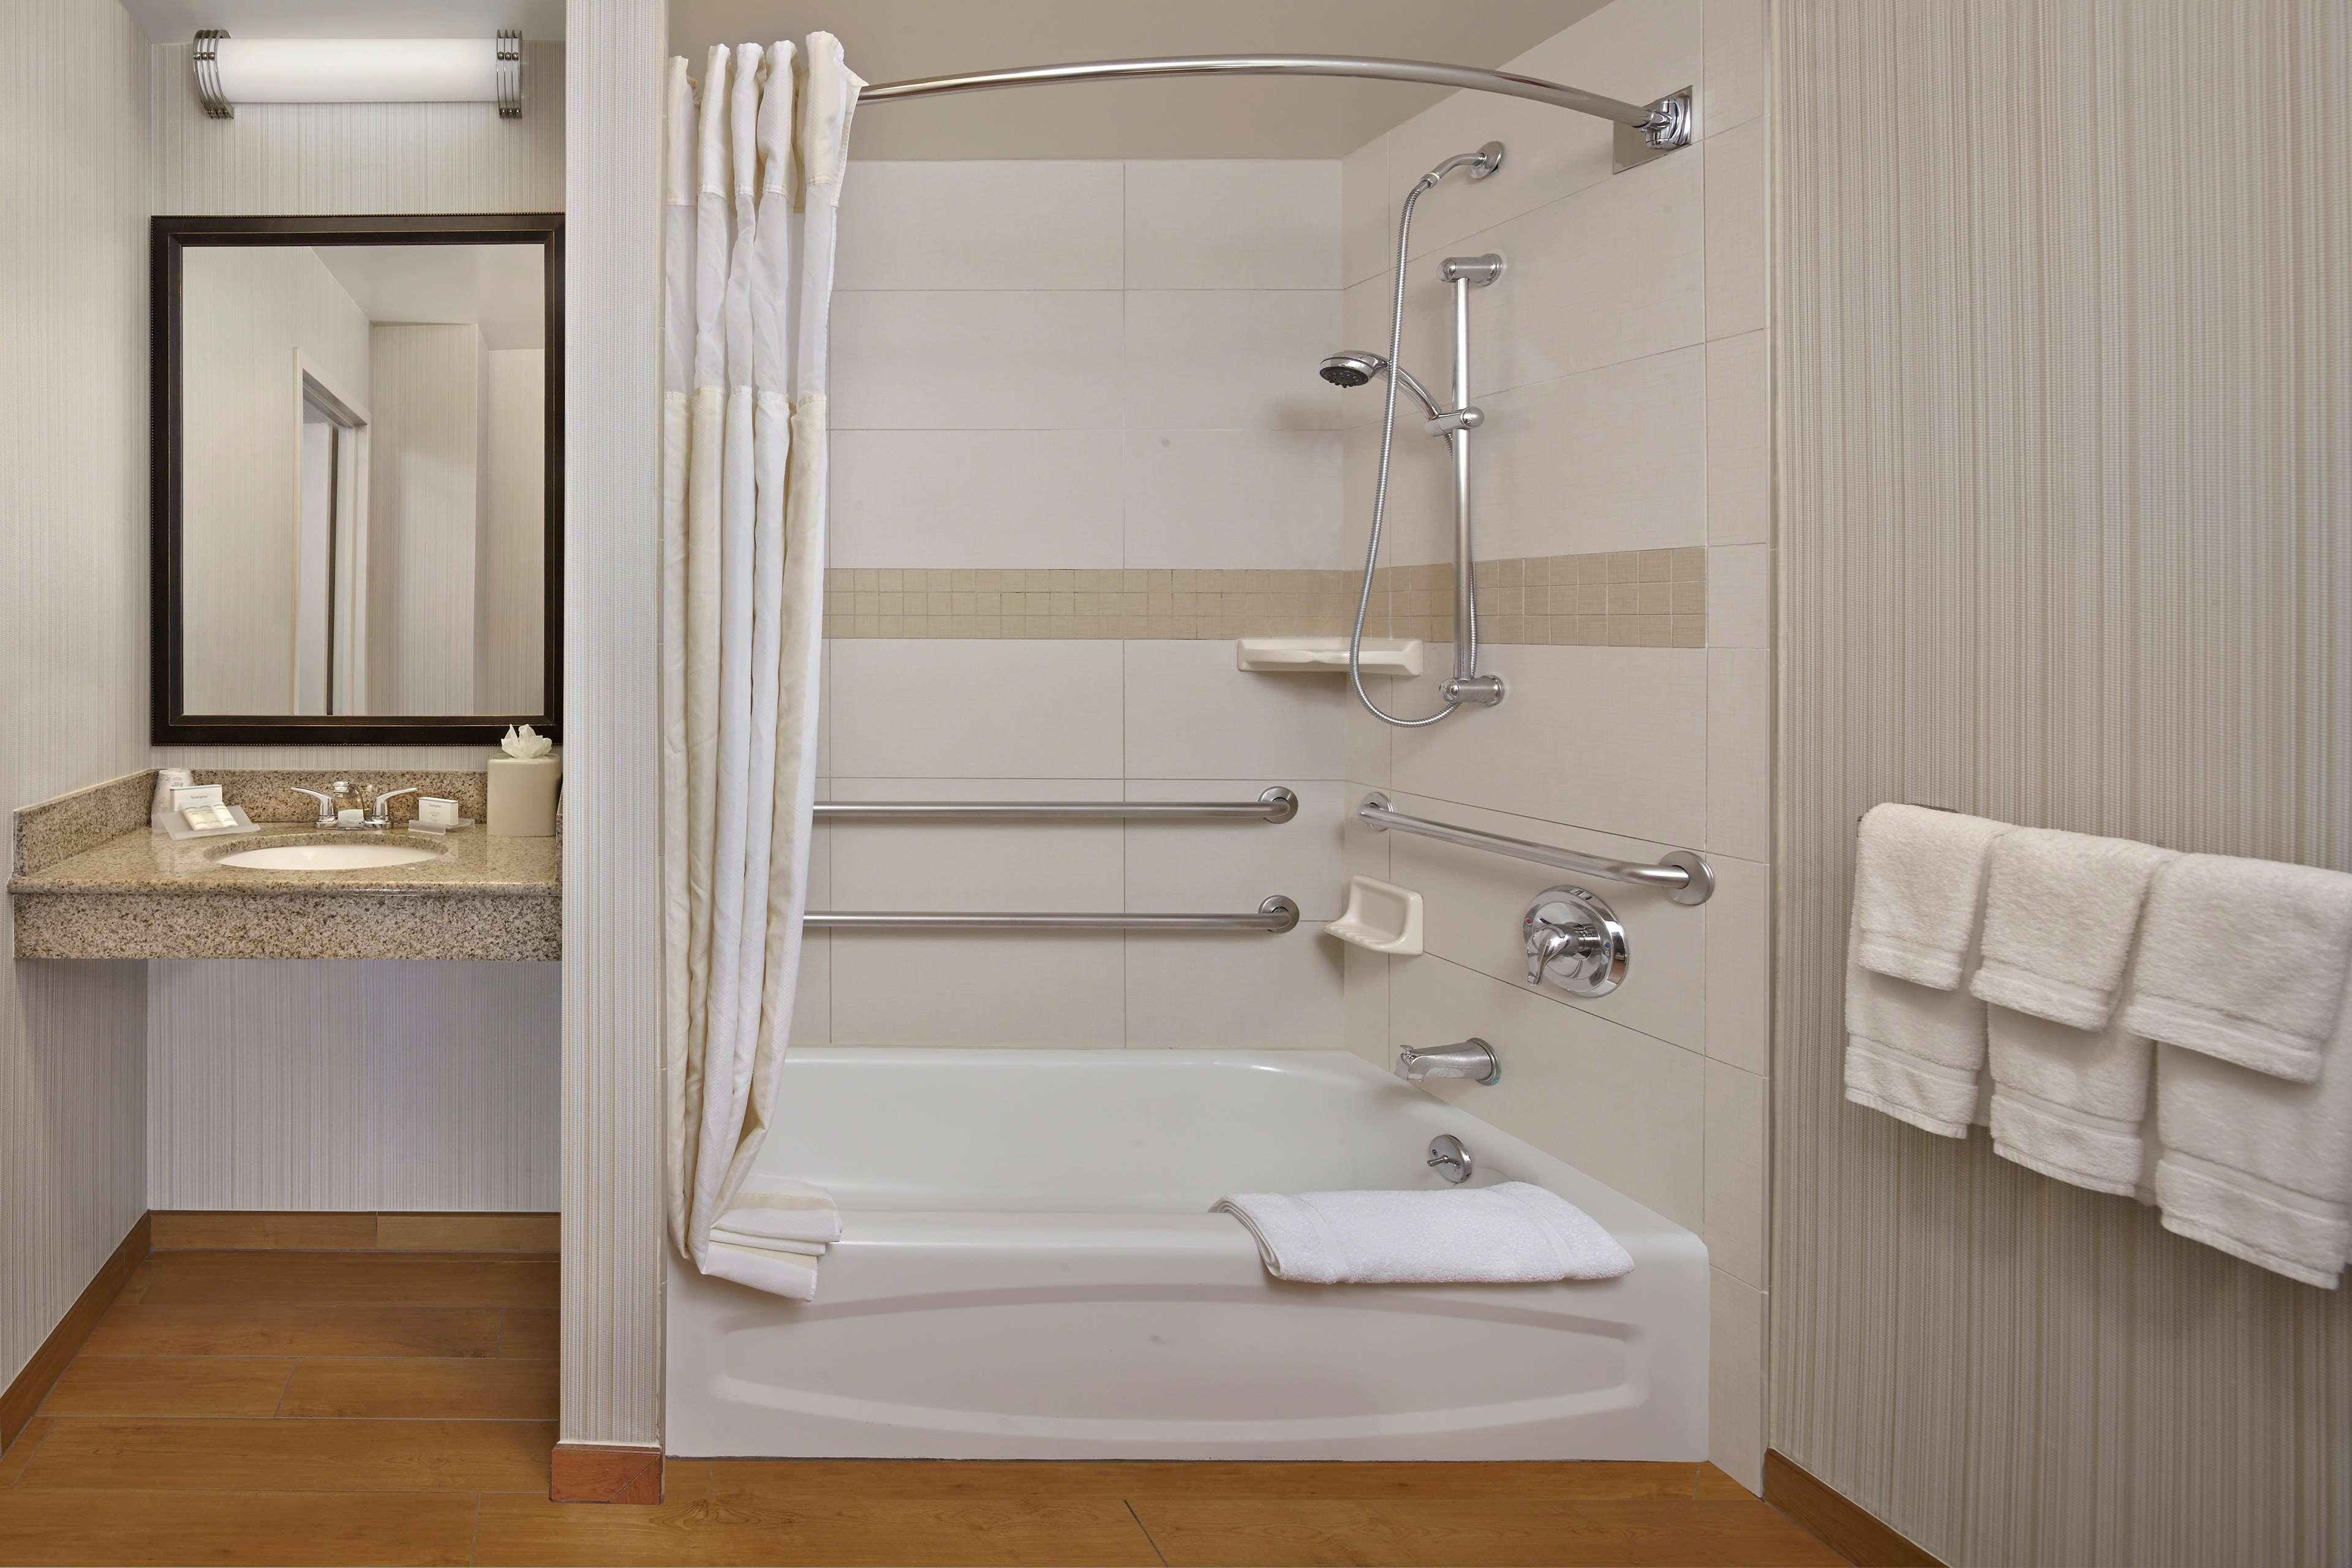 Hilton Garden Inn Danbury image 22